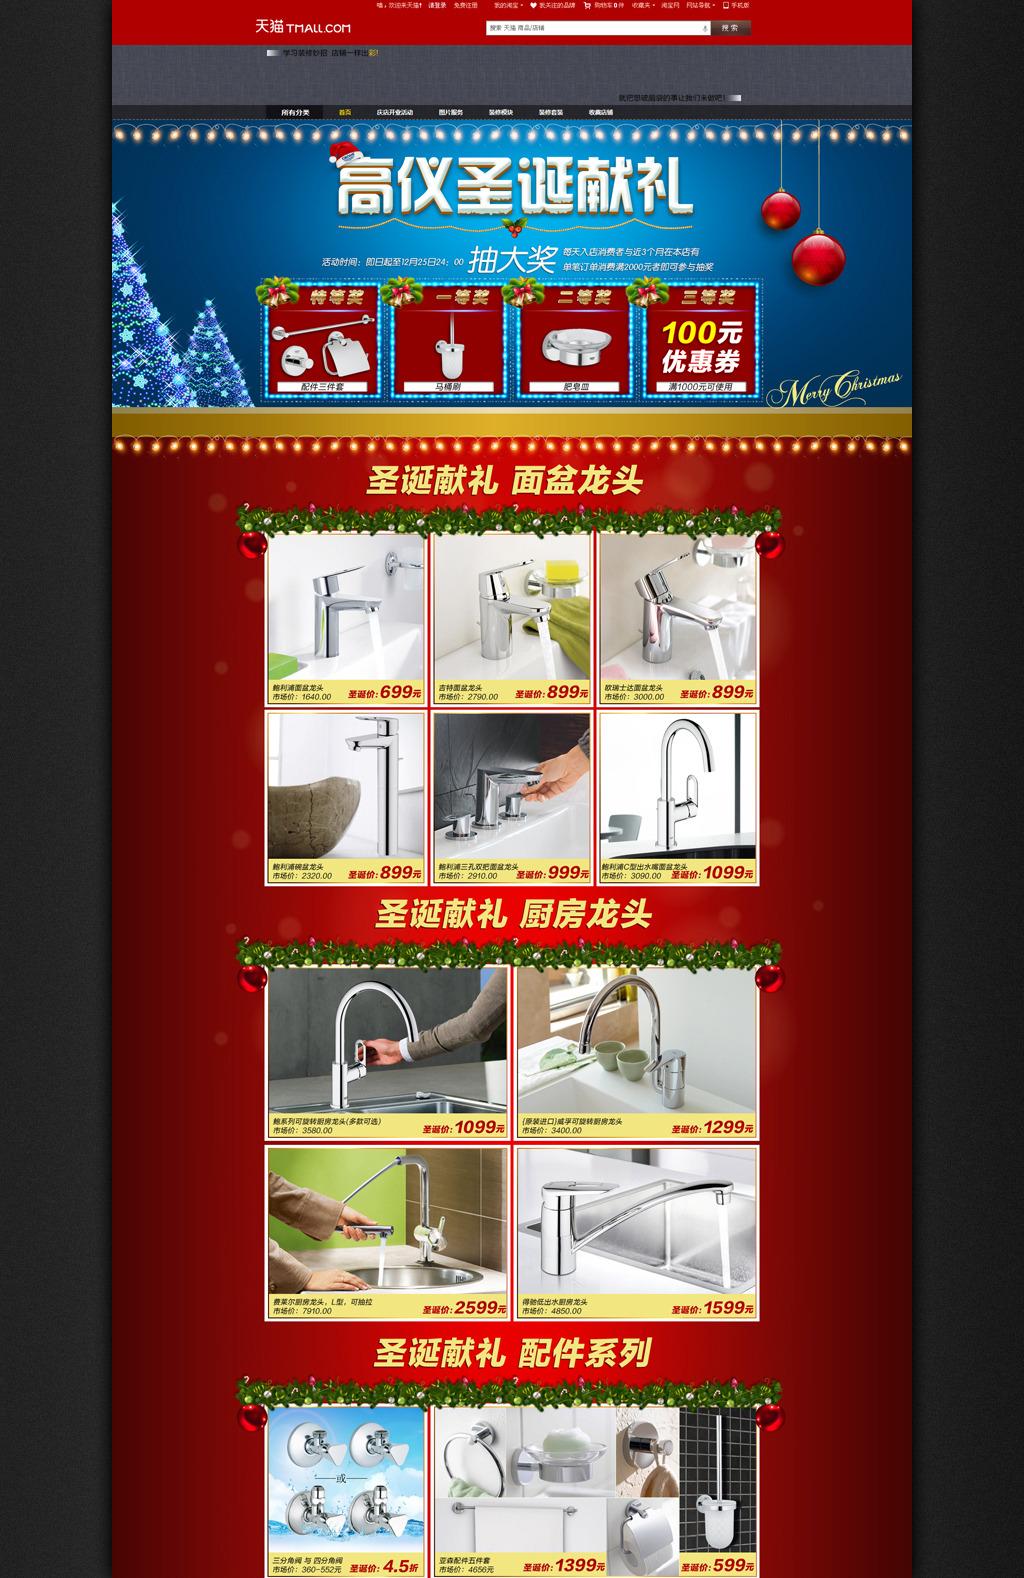 店铺装修模板首页图片图片下载 圣诞节 卫浴首页 淘宝天猫新风尚厨房